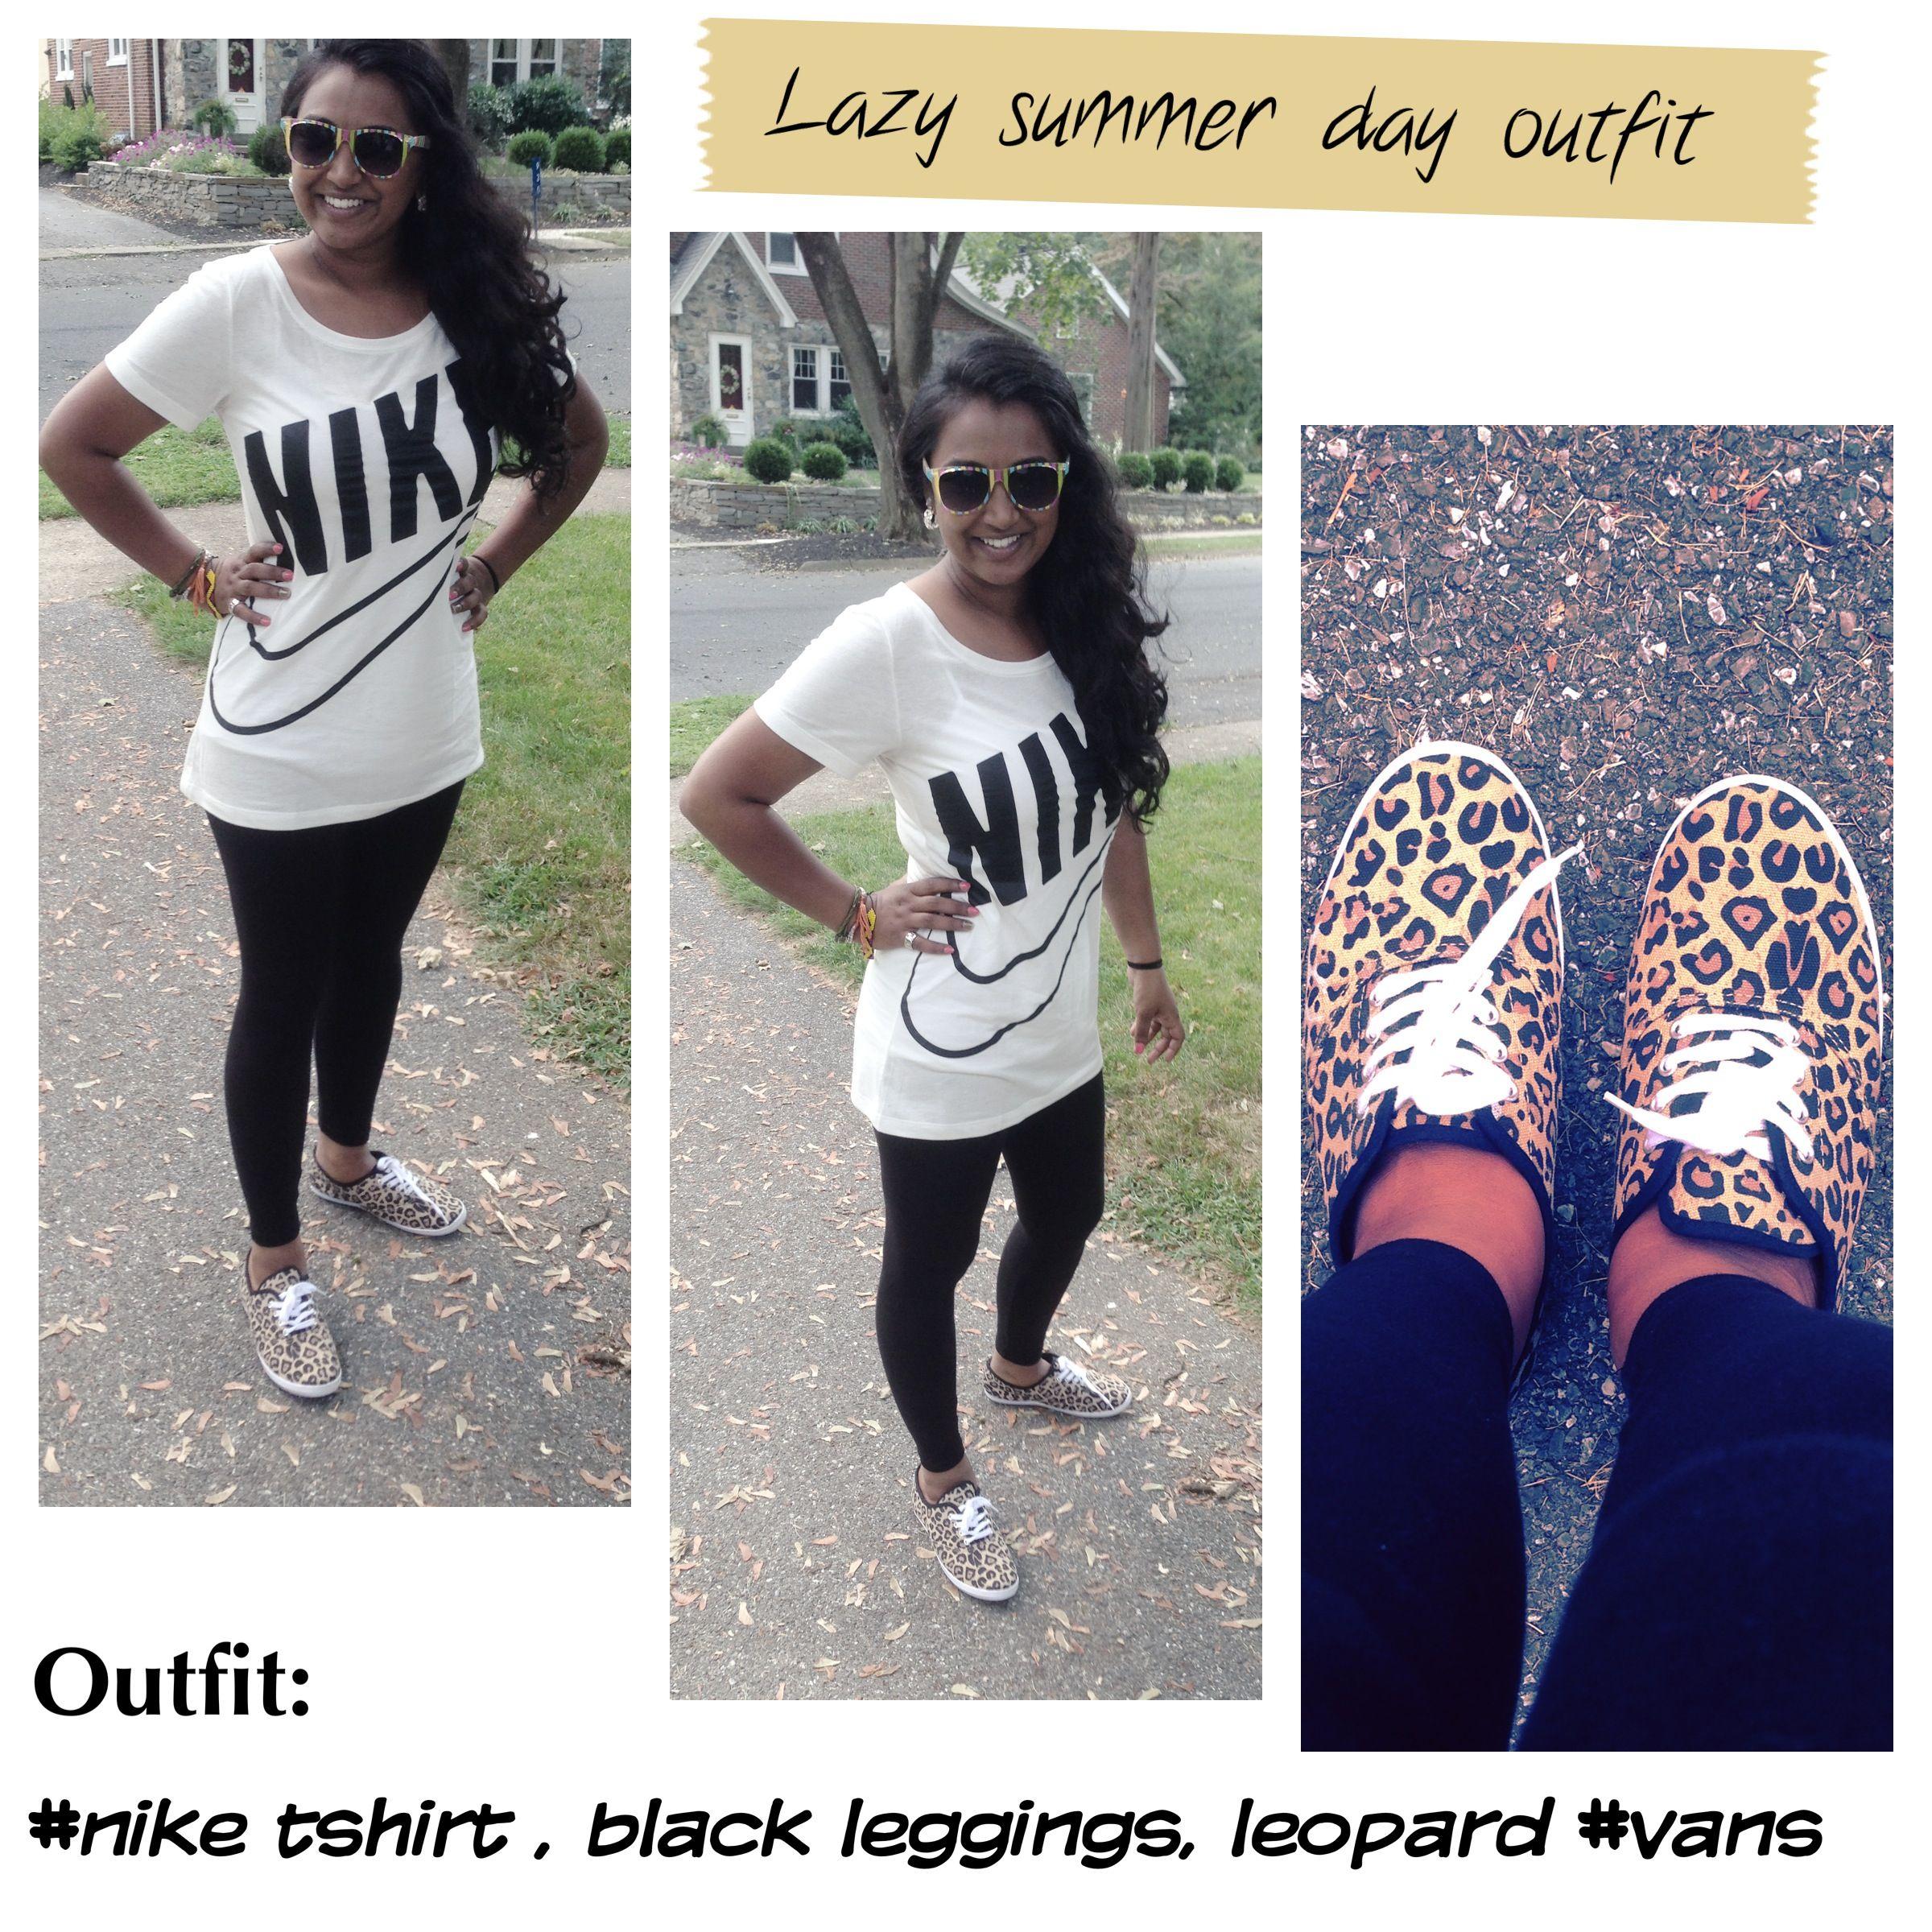 vans leopard shirt